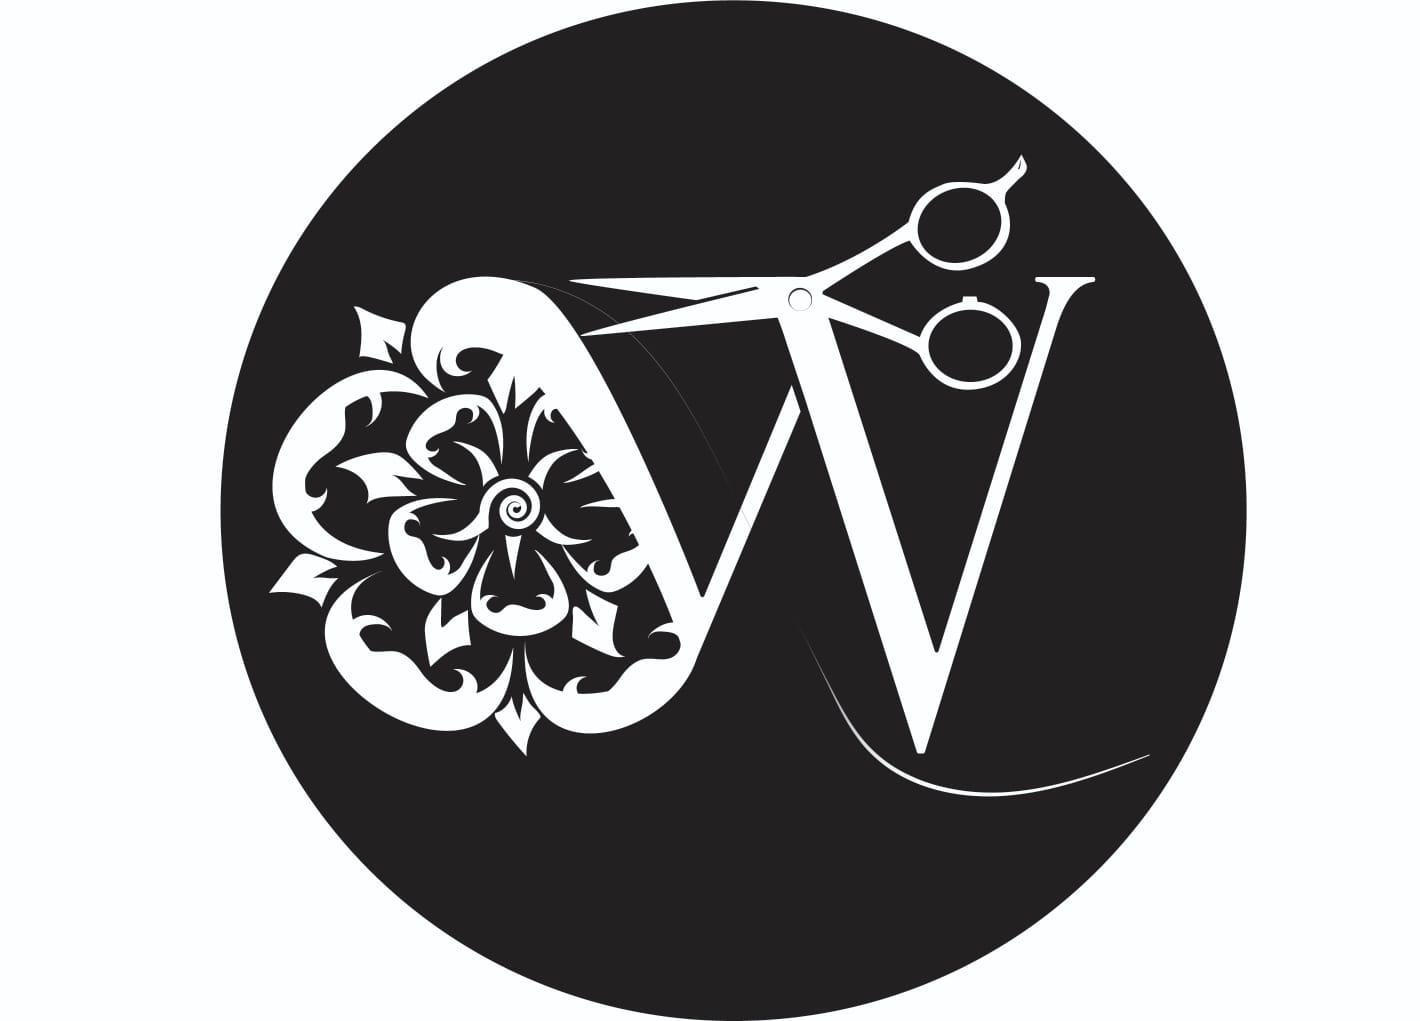 Westwood's Barbershop & Social